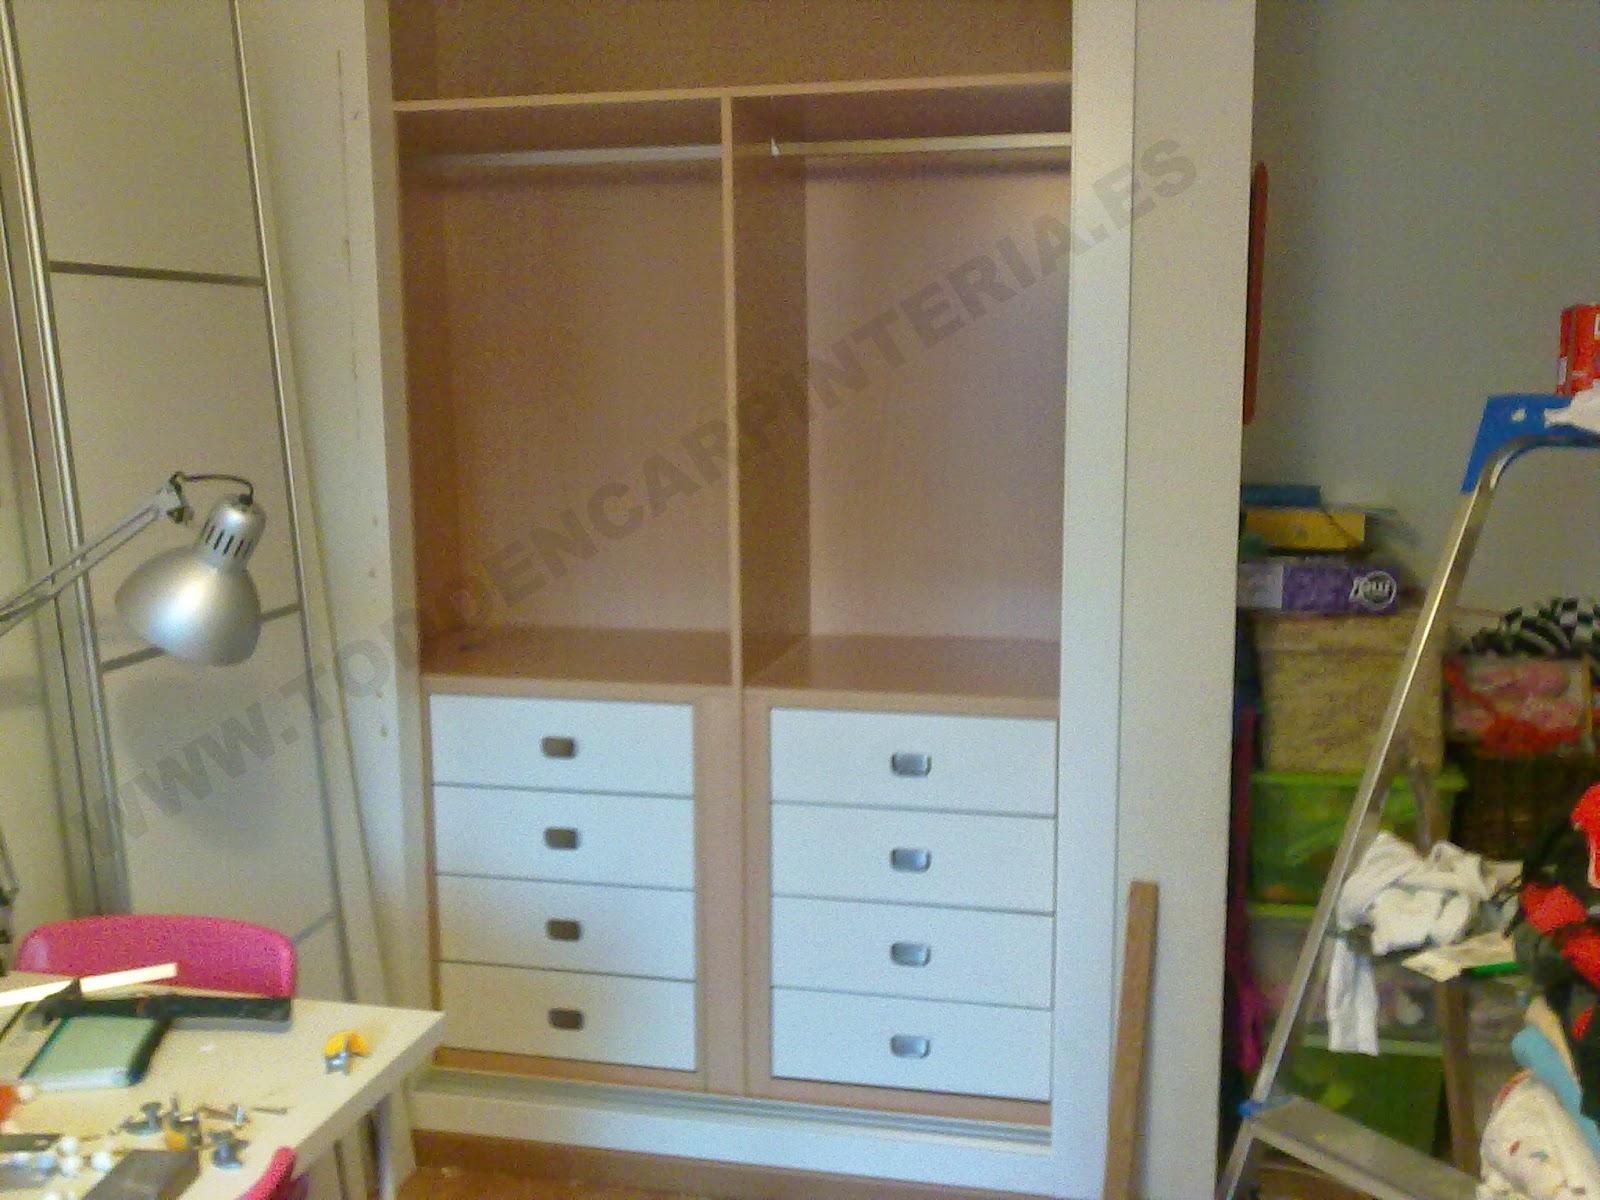 Interior de armario de cajoneras de color blanco